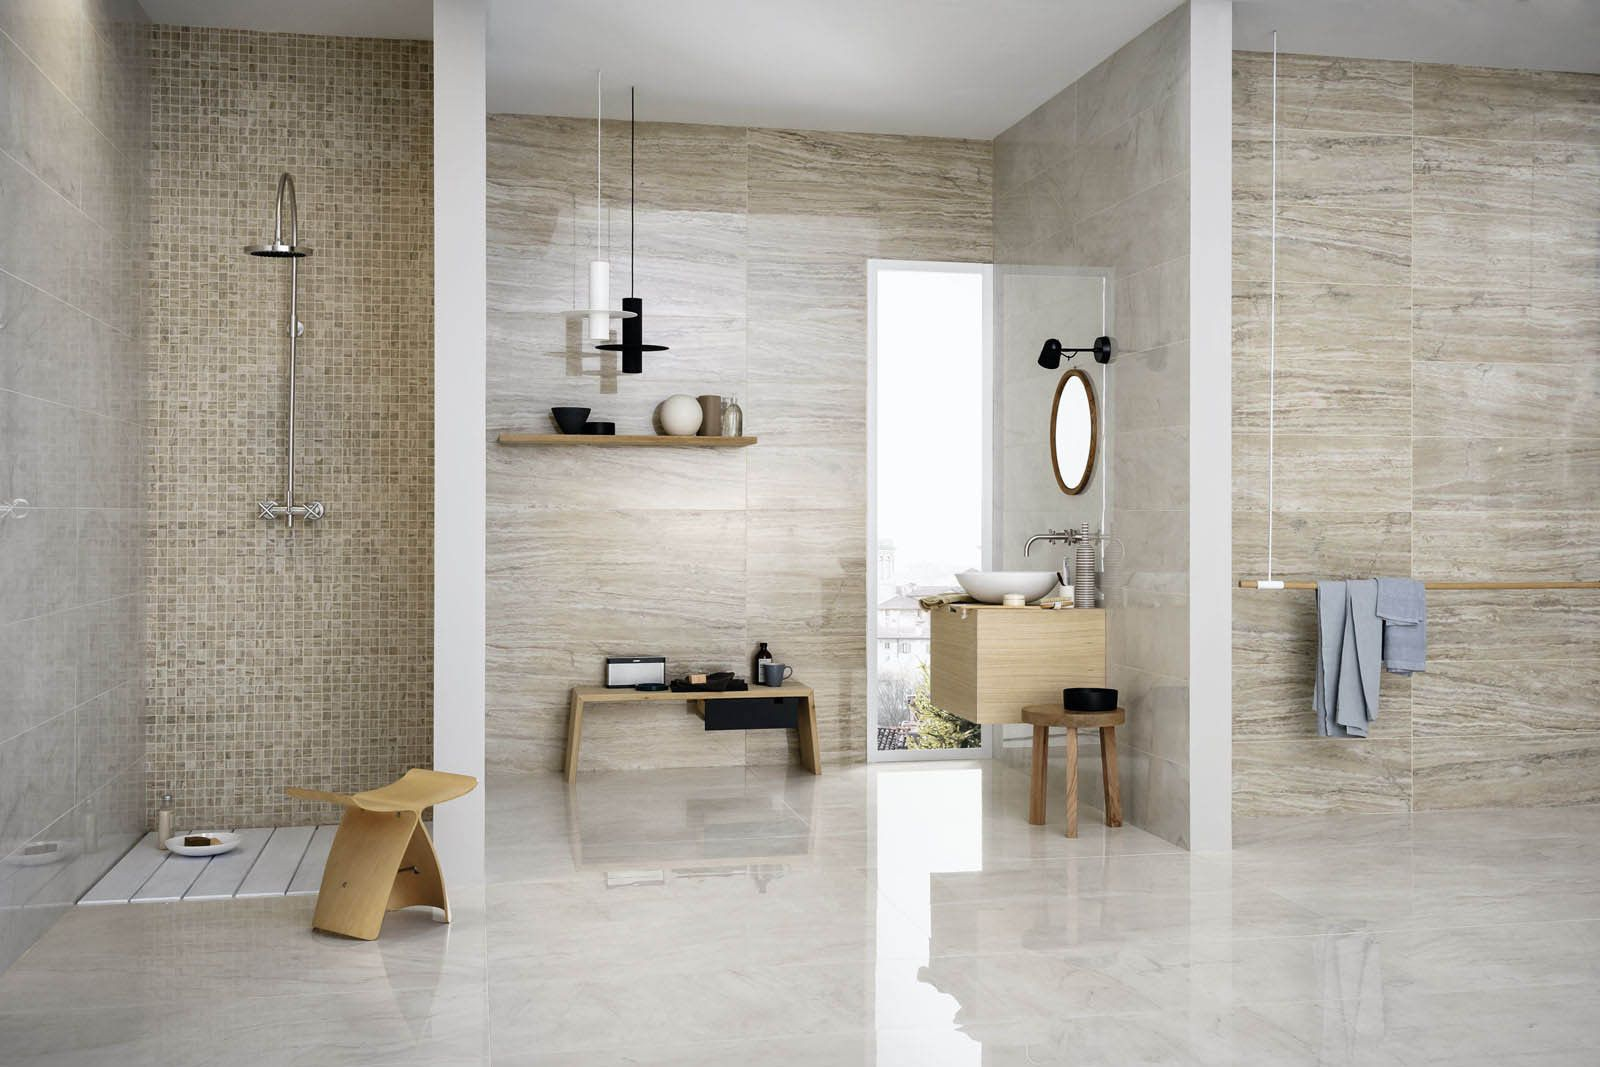 Marazzi Allmarble Raffaello Lux 29x116 Cm Mmhc Feinsteinzeug Marmor 29x116 Im Angebot Auf Badezimmer Design Schone Schlafzimmer Klassisches Badezimmer